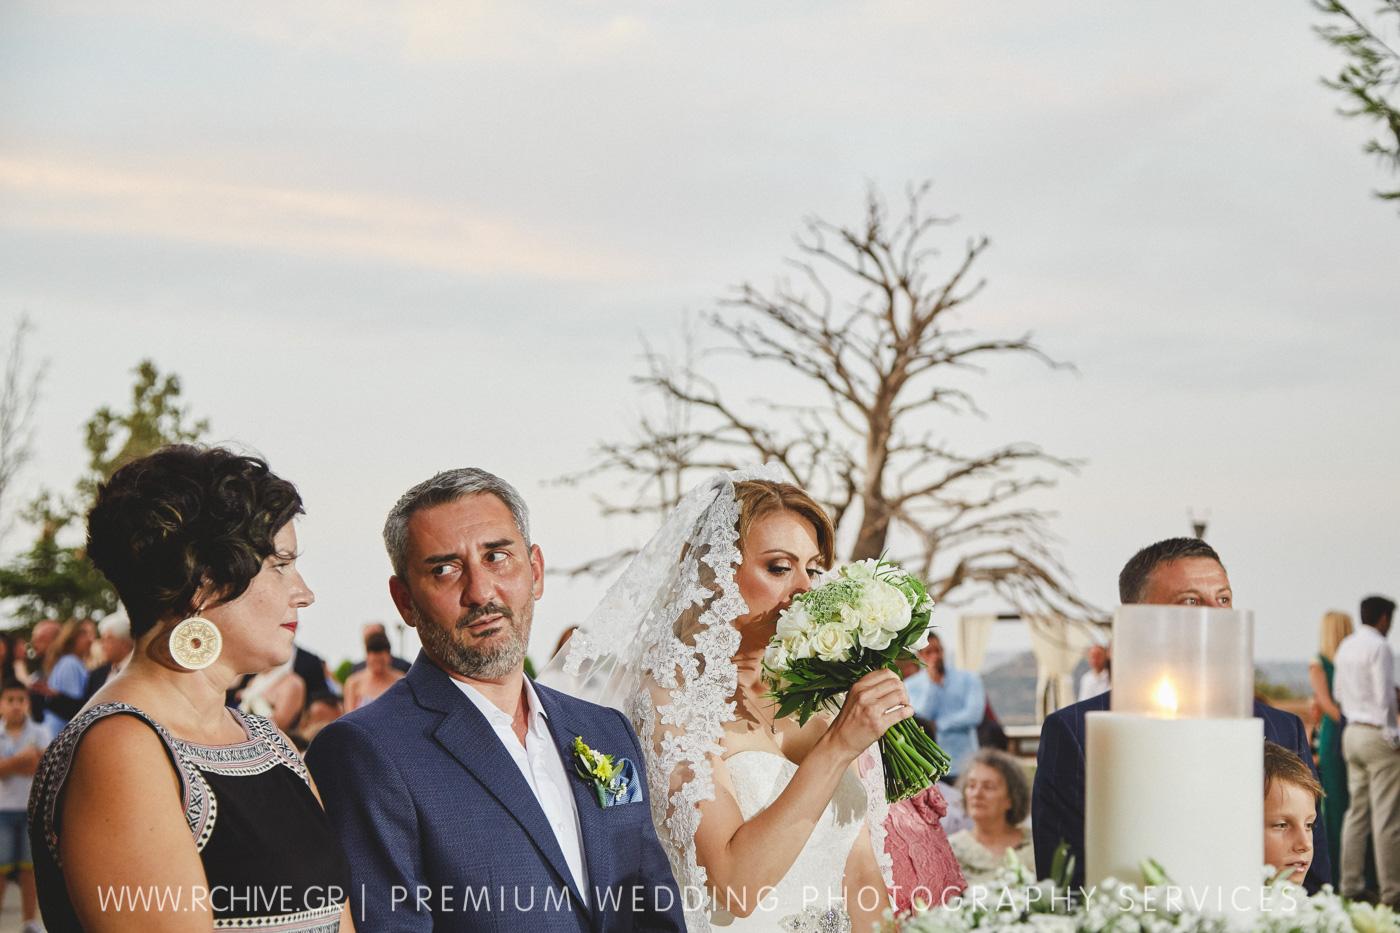 αλσος νυμφών τελετή γάμου